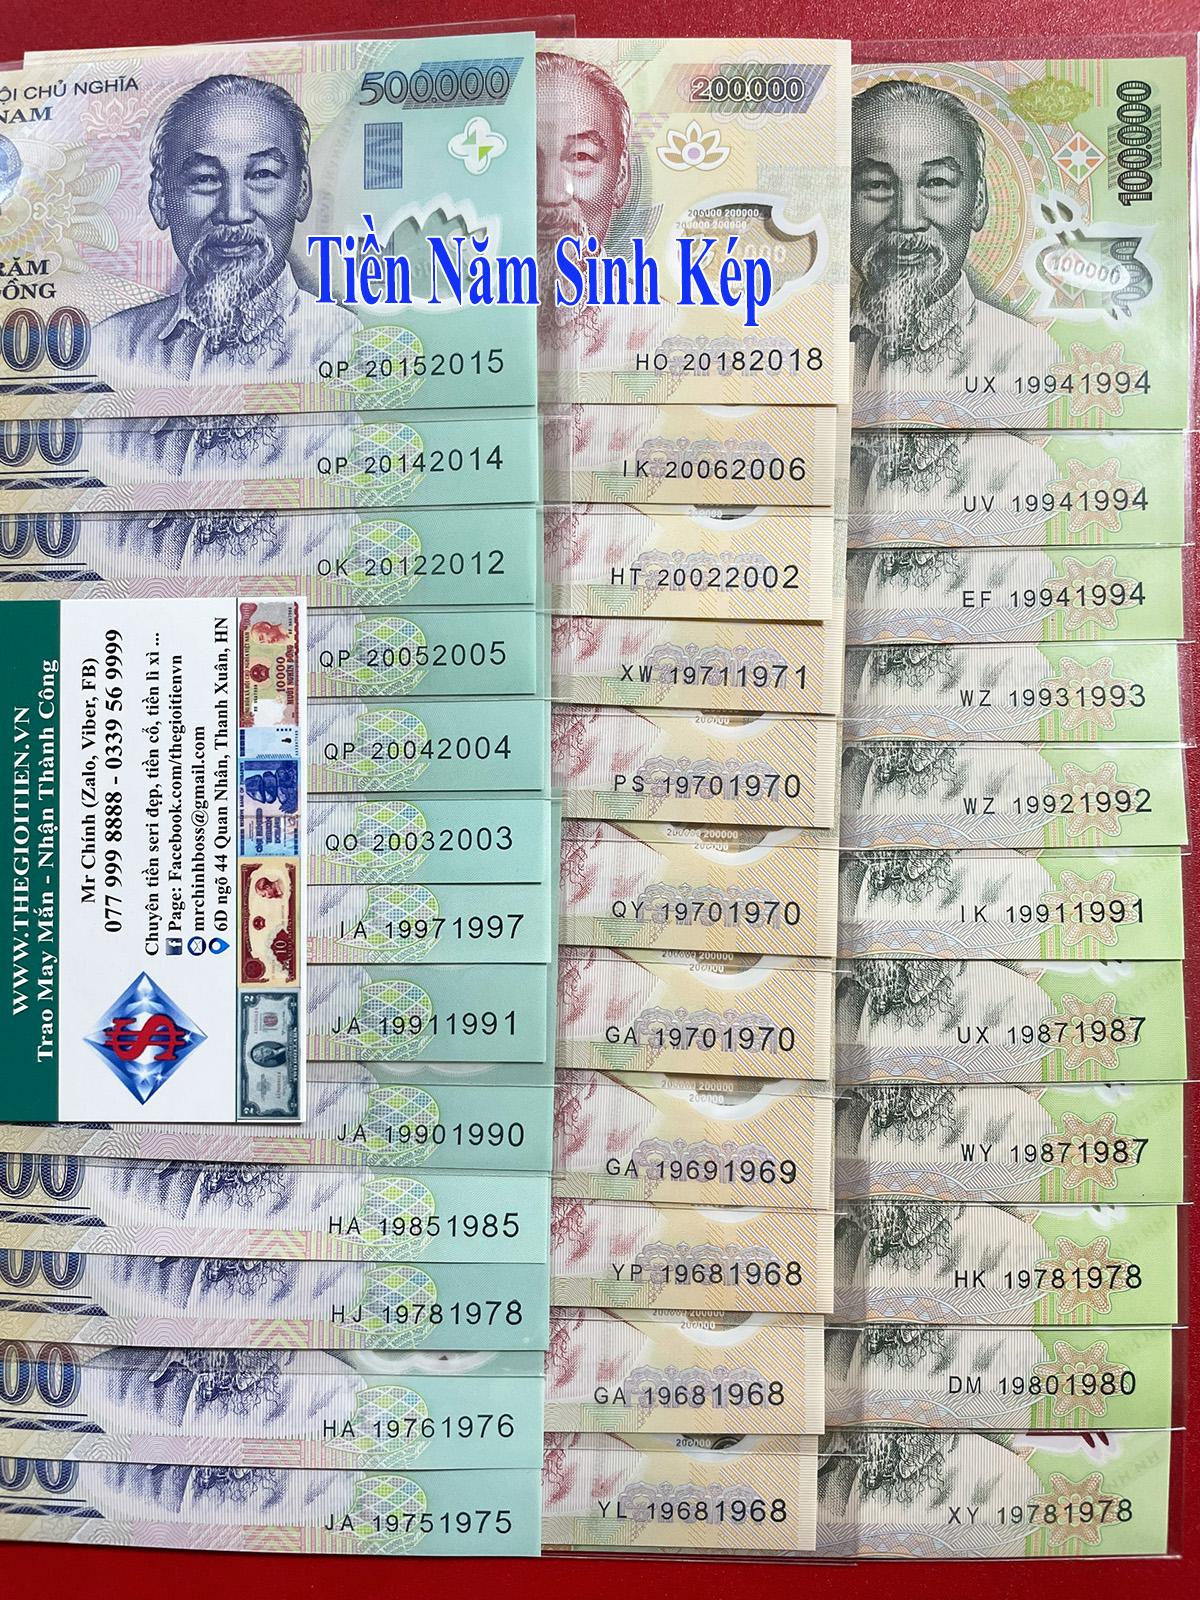 tiền năm sinh kép